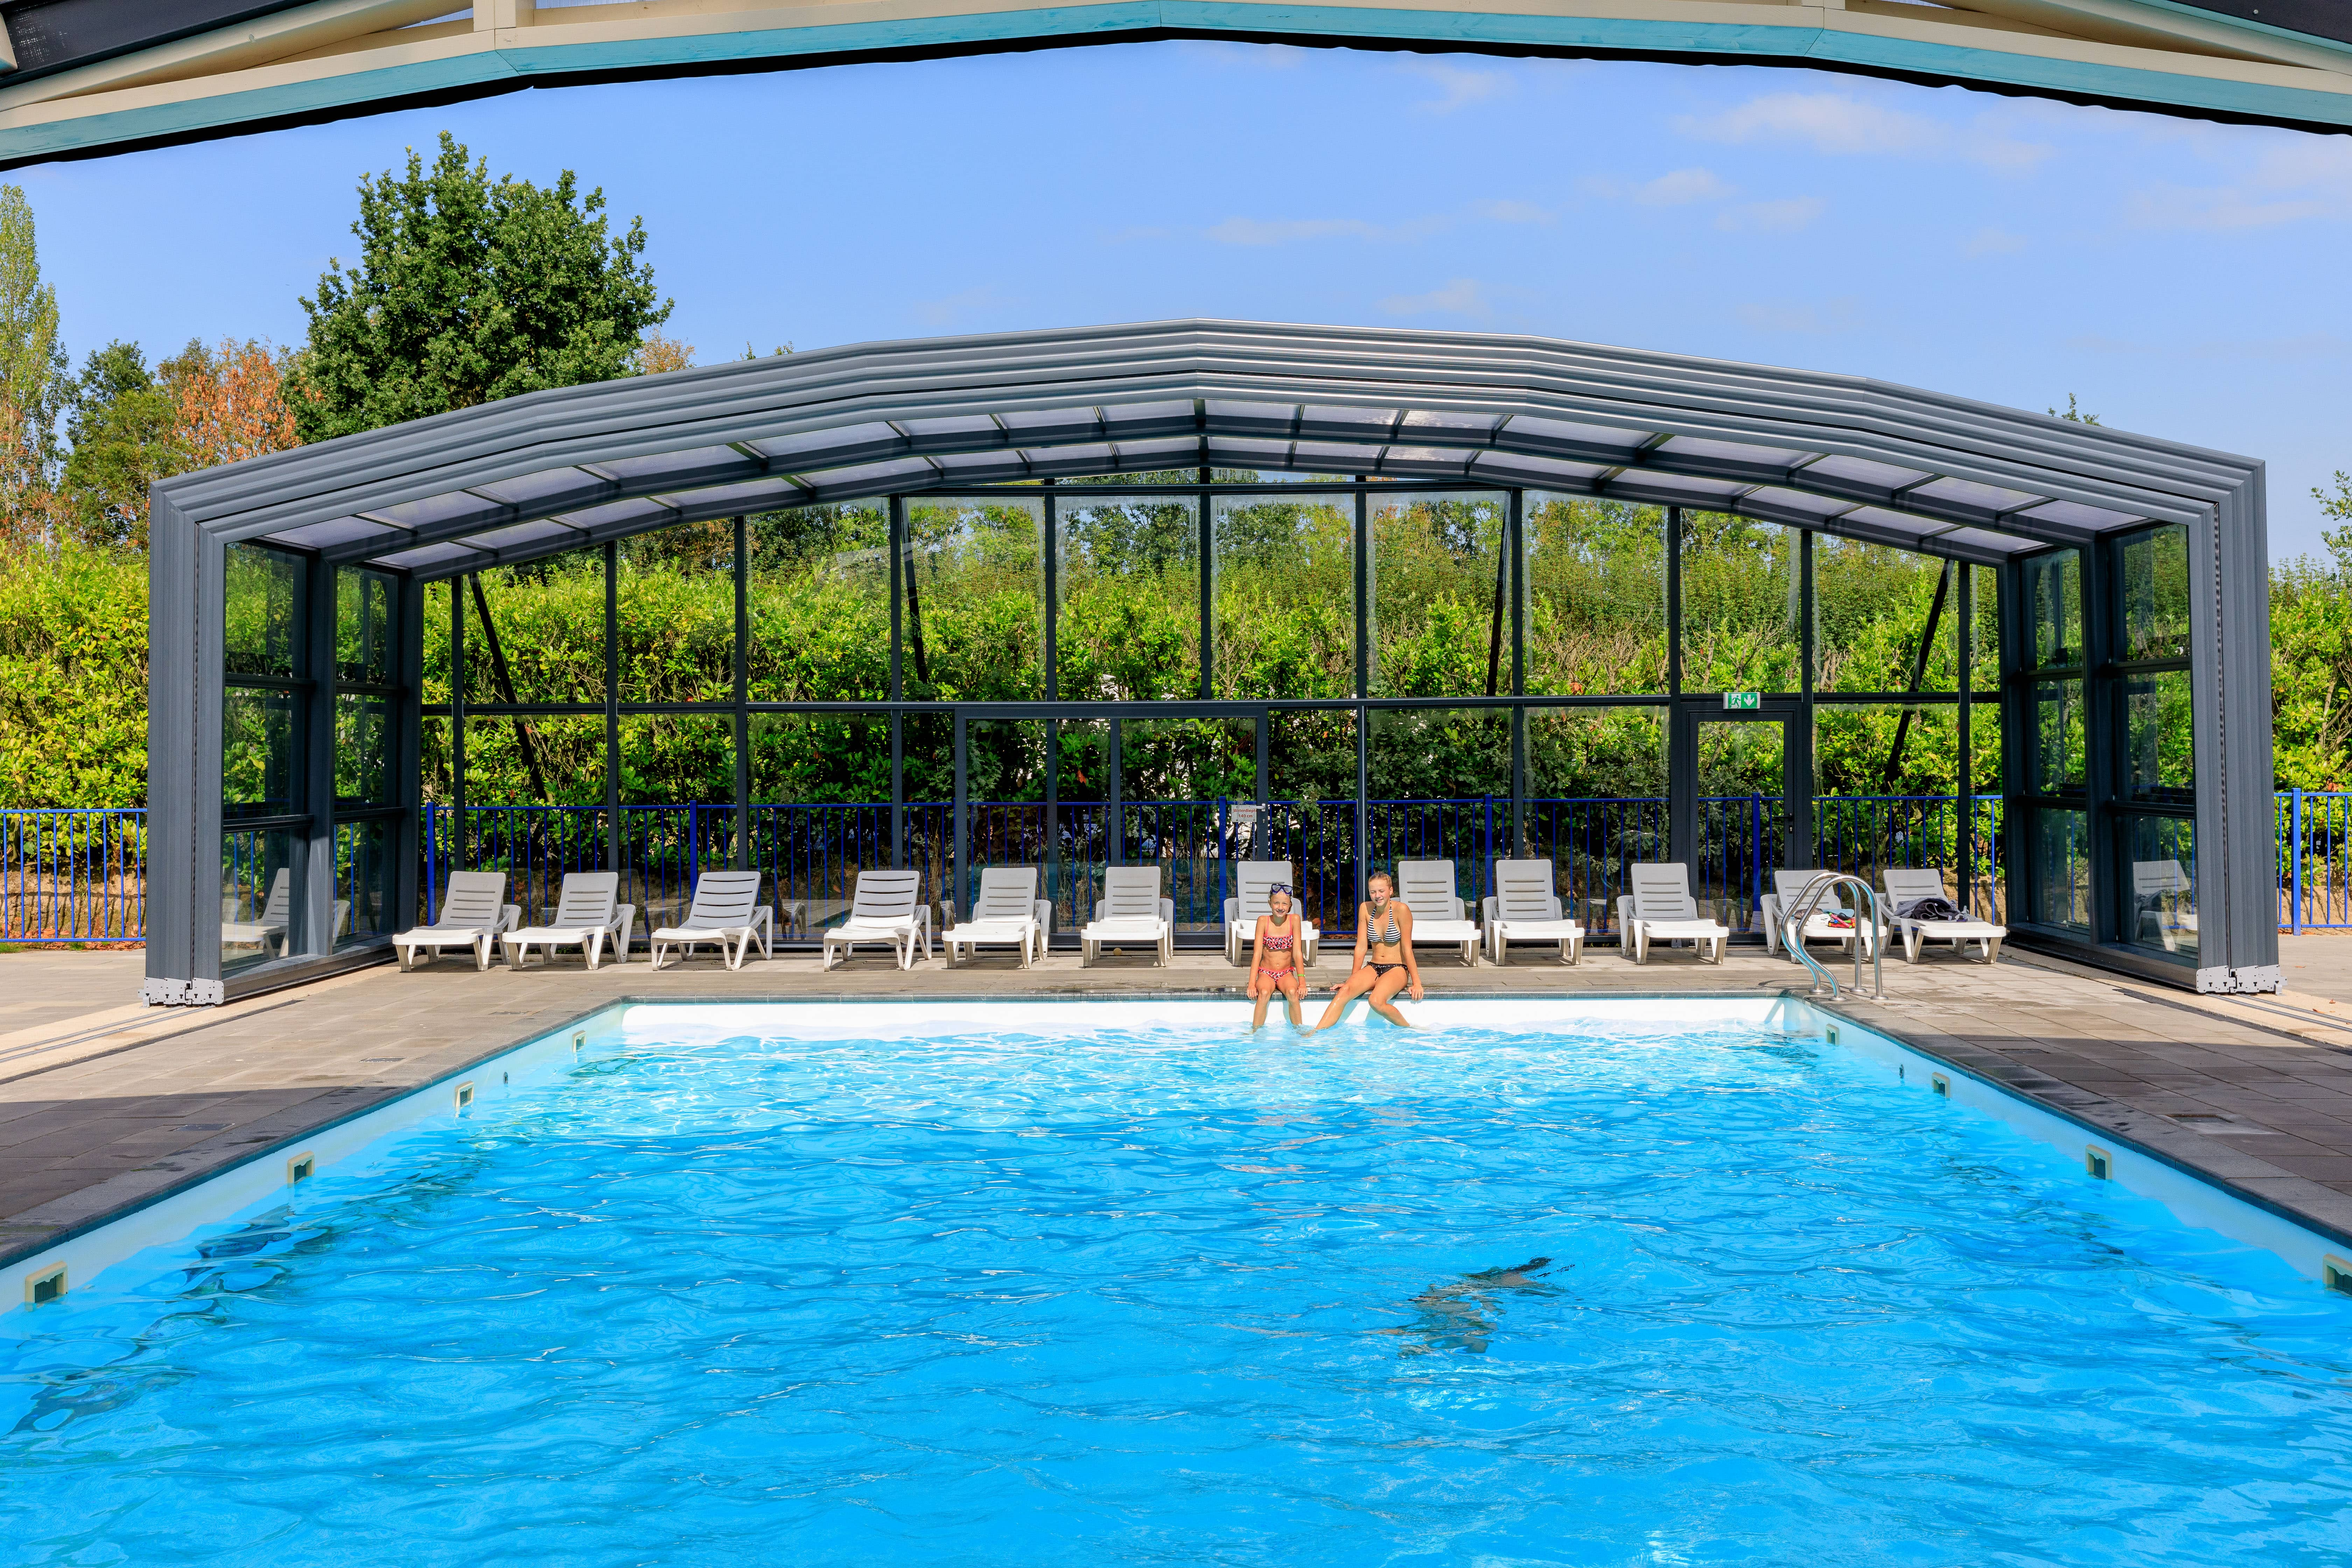 Abri de piscine Collectivités - Vollenhove, Pays-Bas